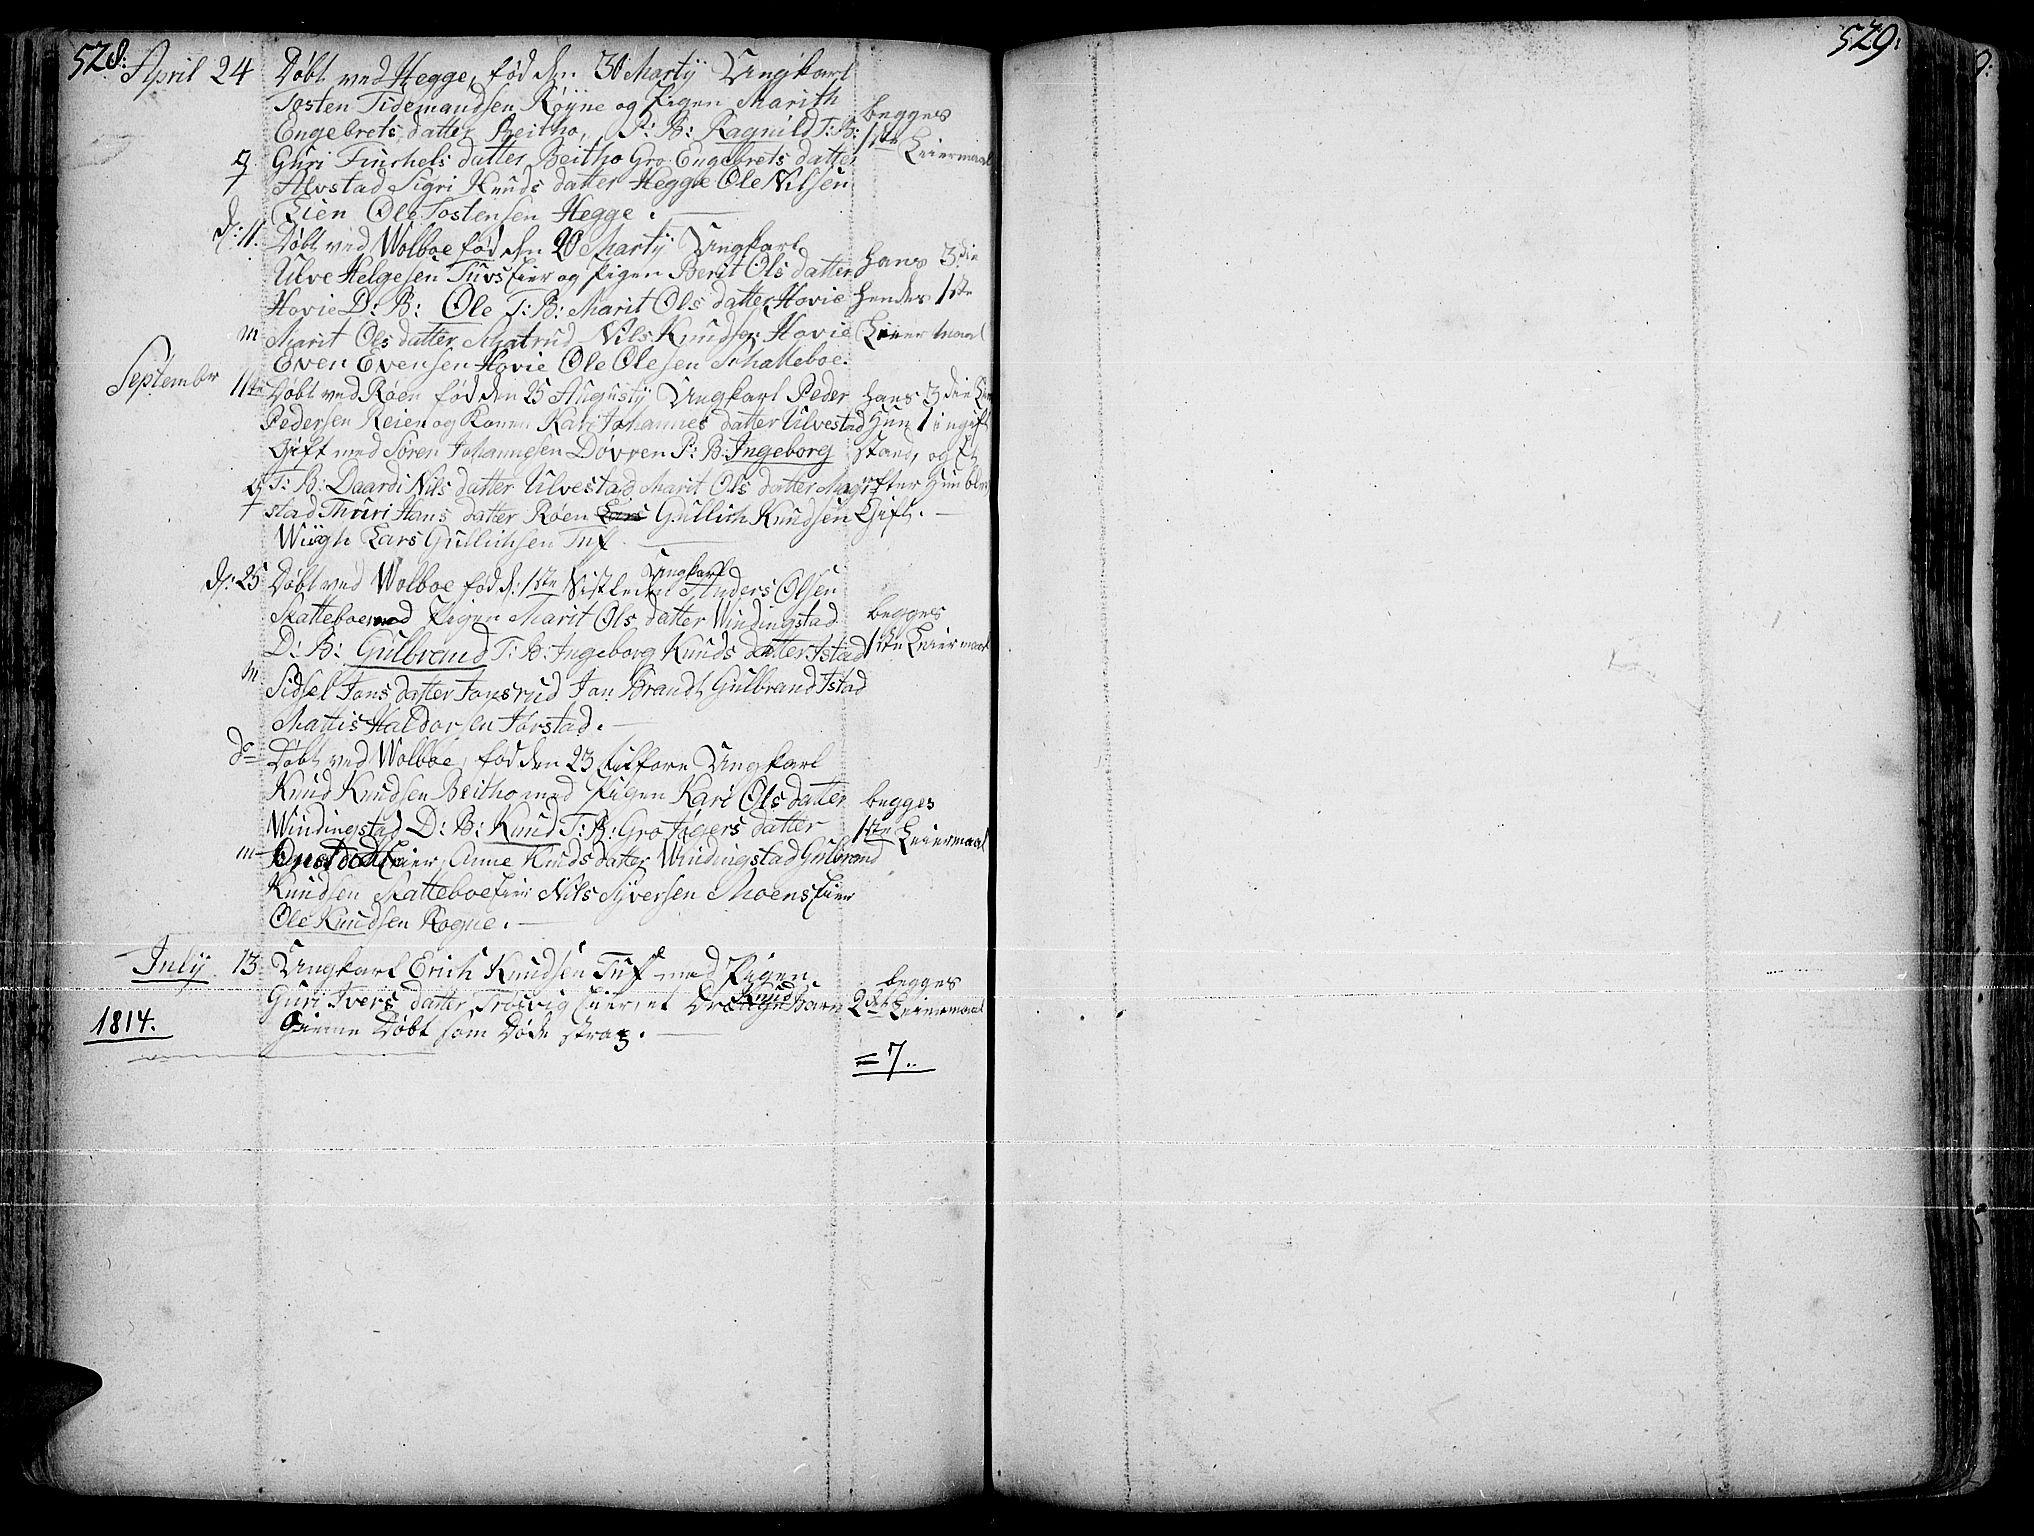 SAH, Slidre prestekontor, Ministerialbok nr. 1, 1724-1814, s. 528-529